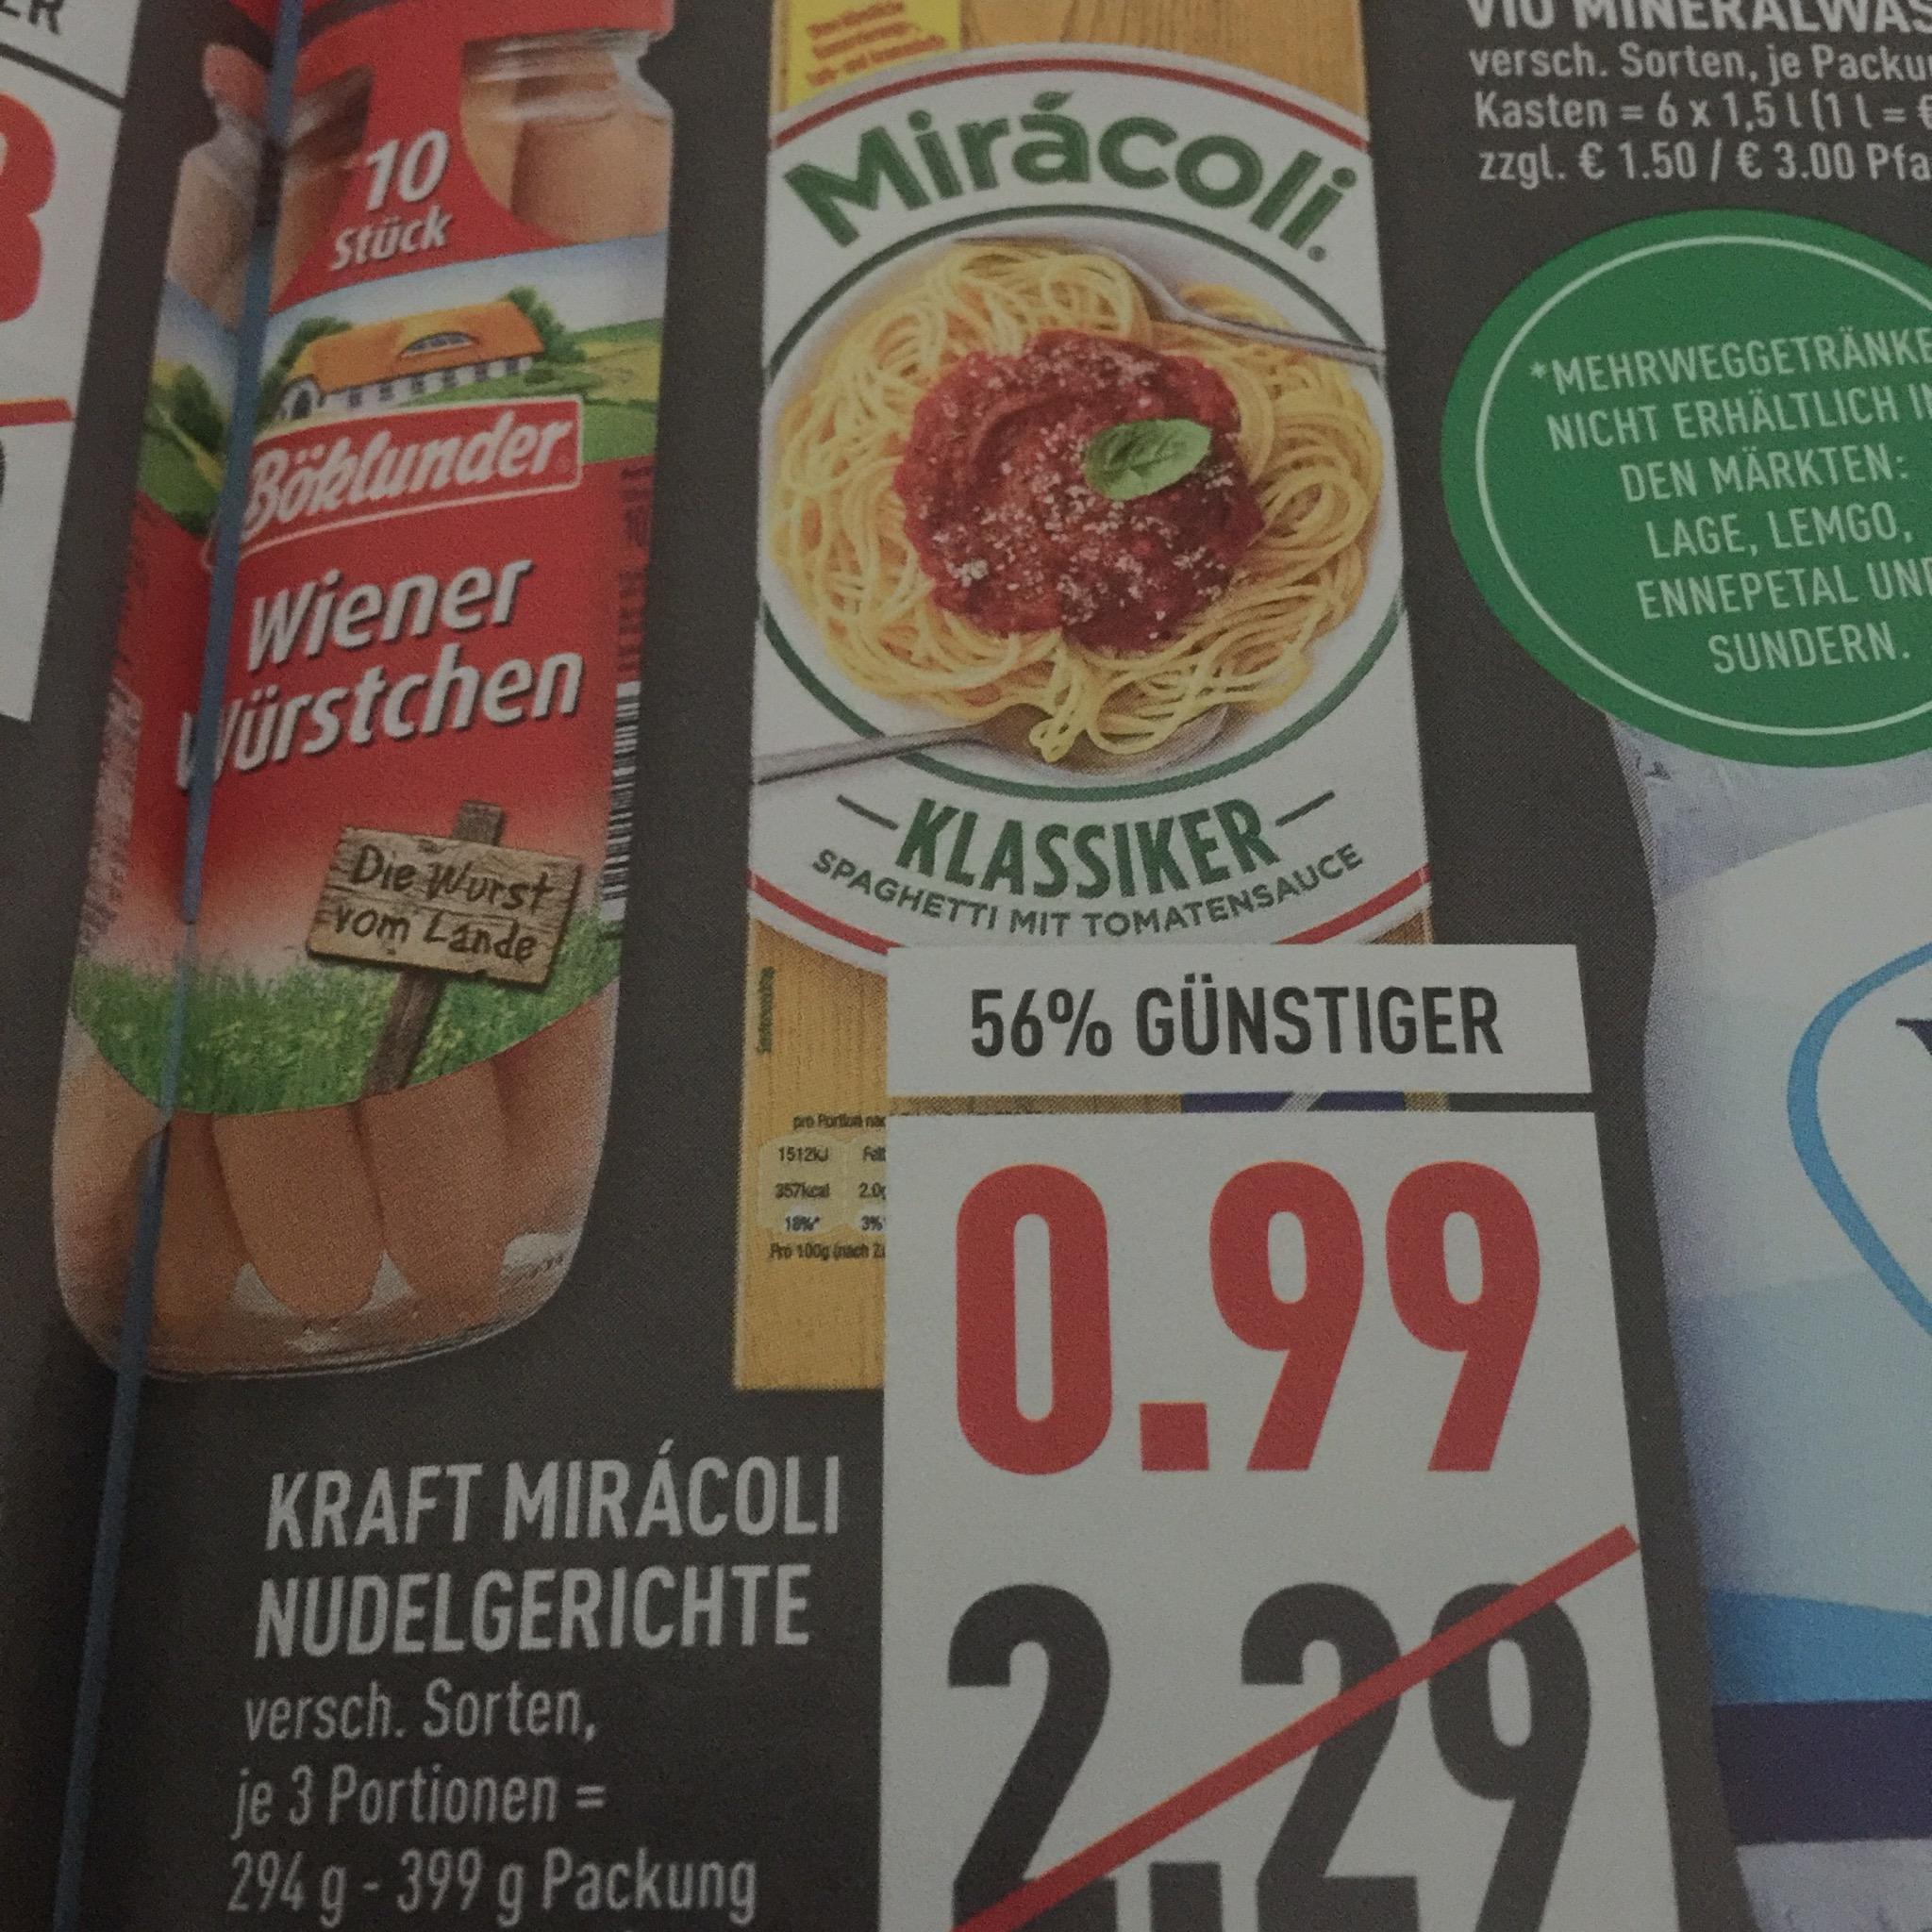 [Marktkauf] Miracoli nur 99 Cent - Freebie möglich (Lokal)